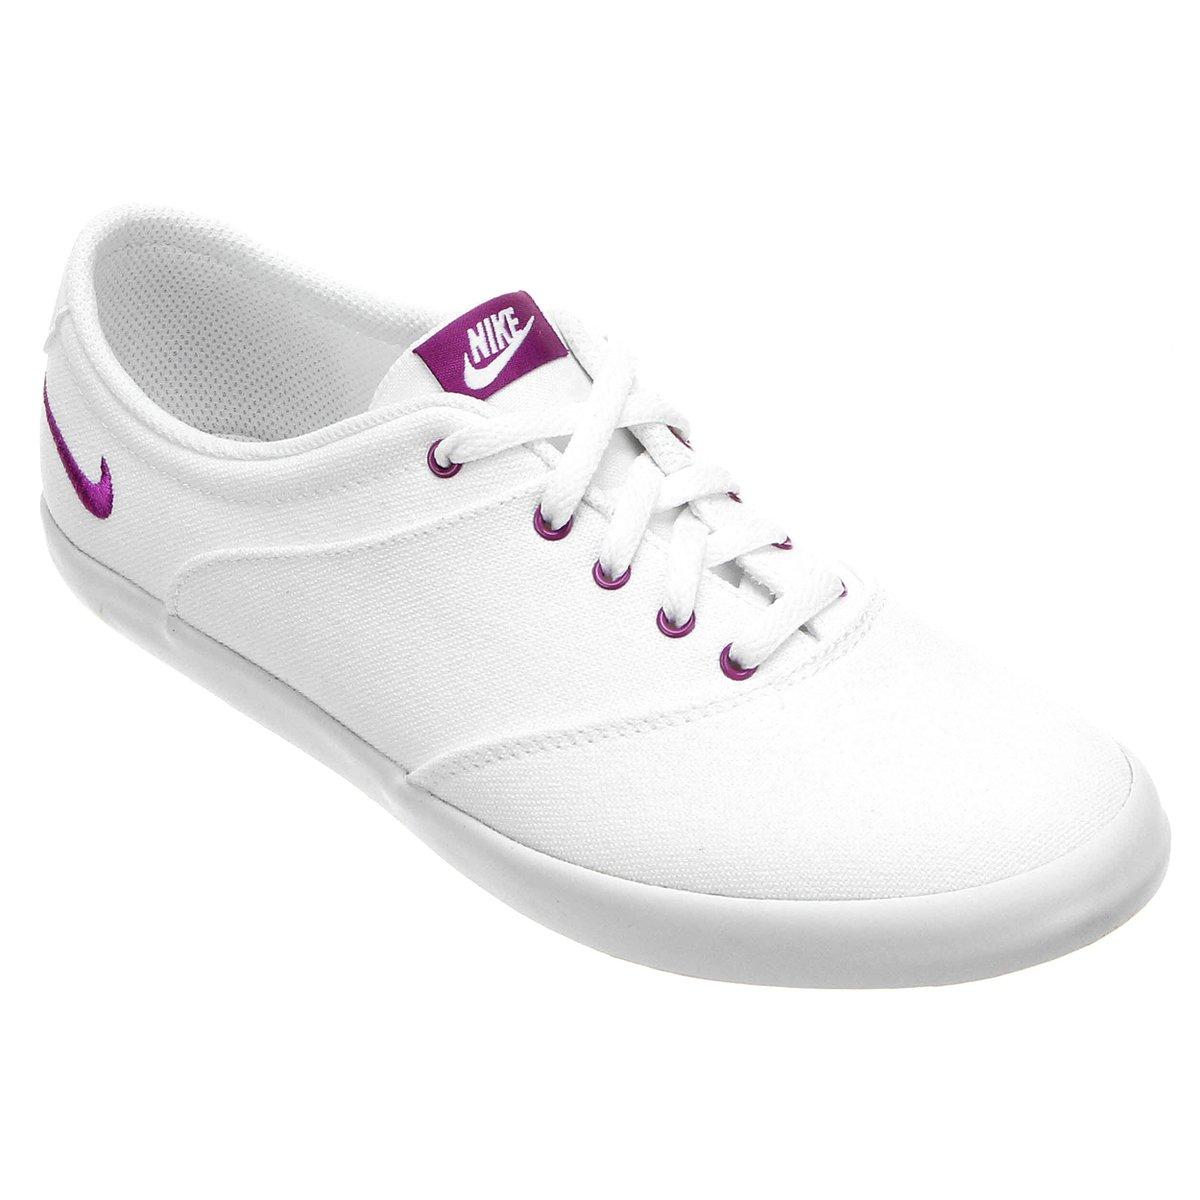 e4f2dda3e37 Tênis Nike Mini Sneaker Lace Canvas Feminino - Compre Agora